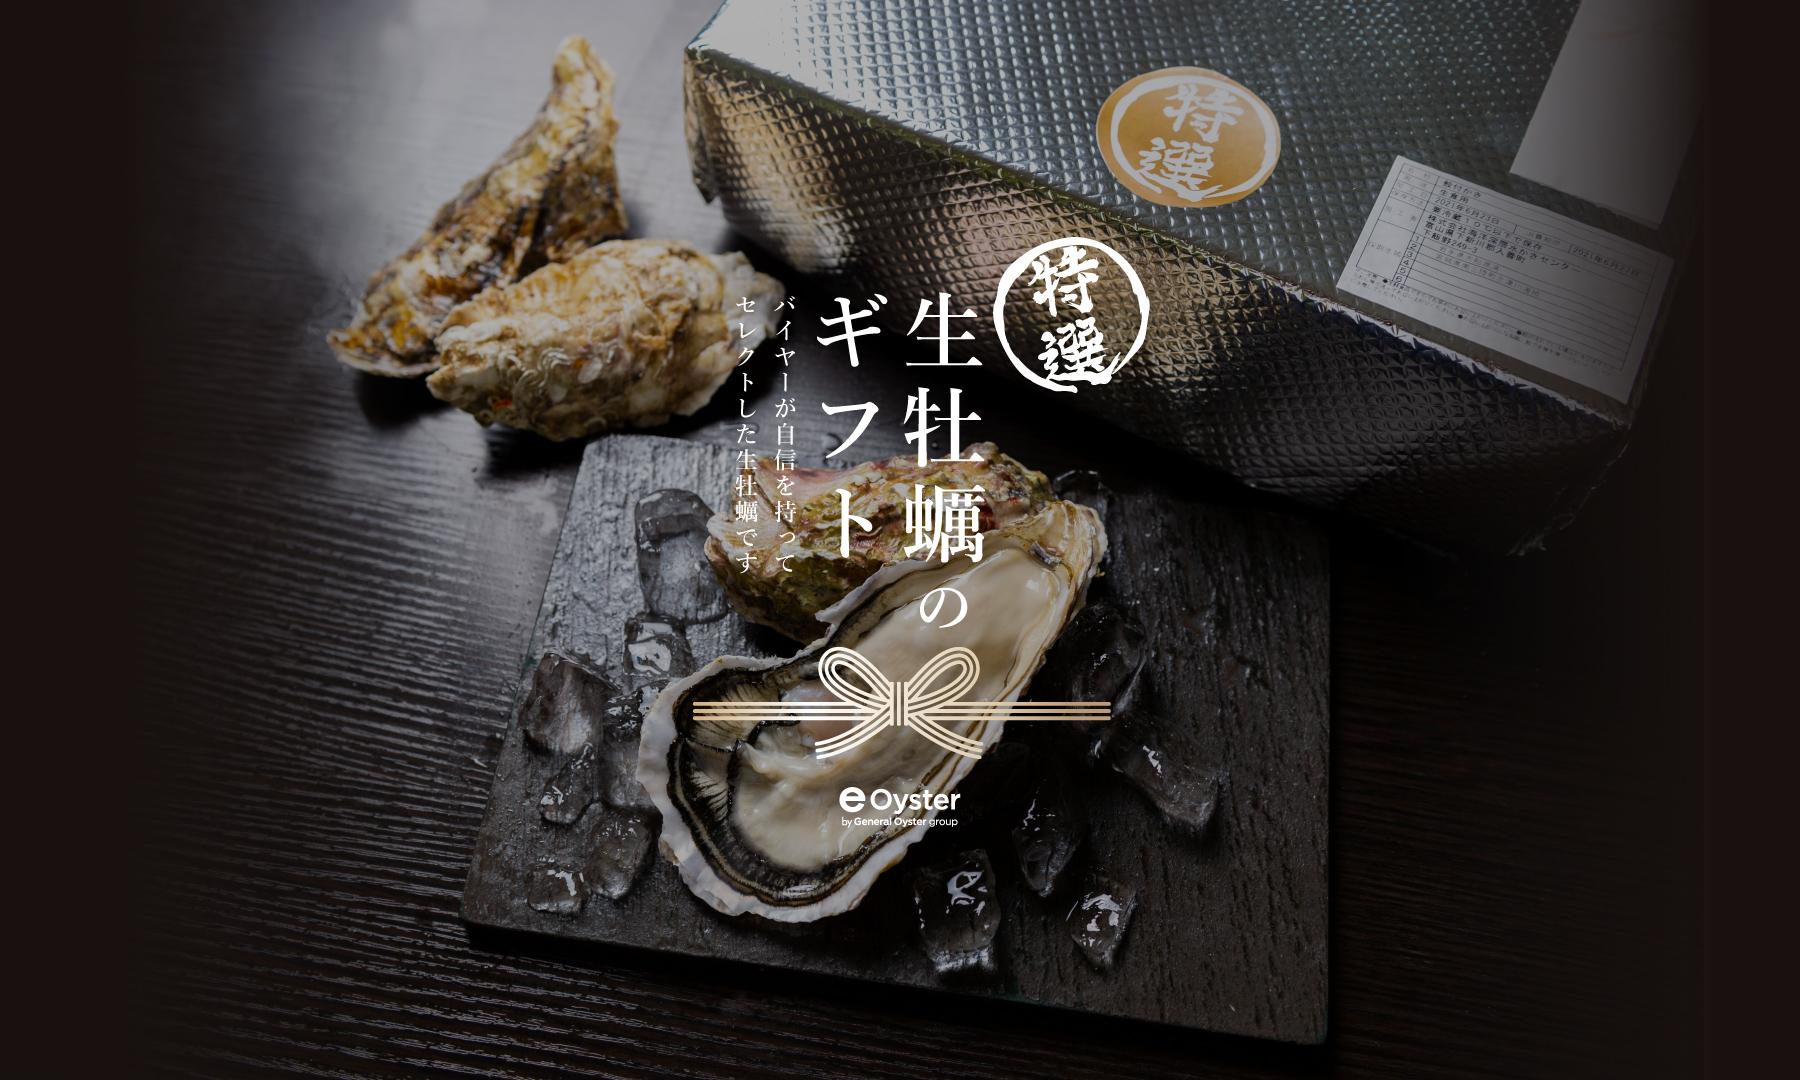 送料無料!旬の生牡蠣12個+お酒2本パーティーセット